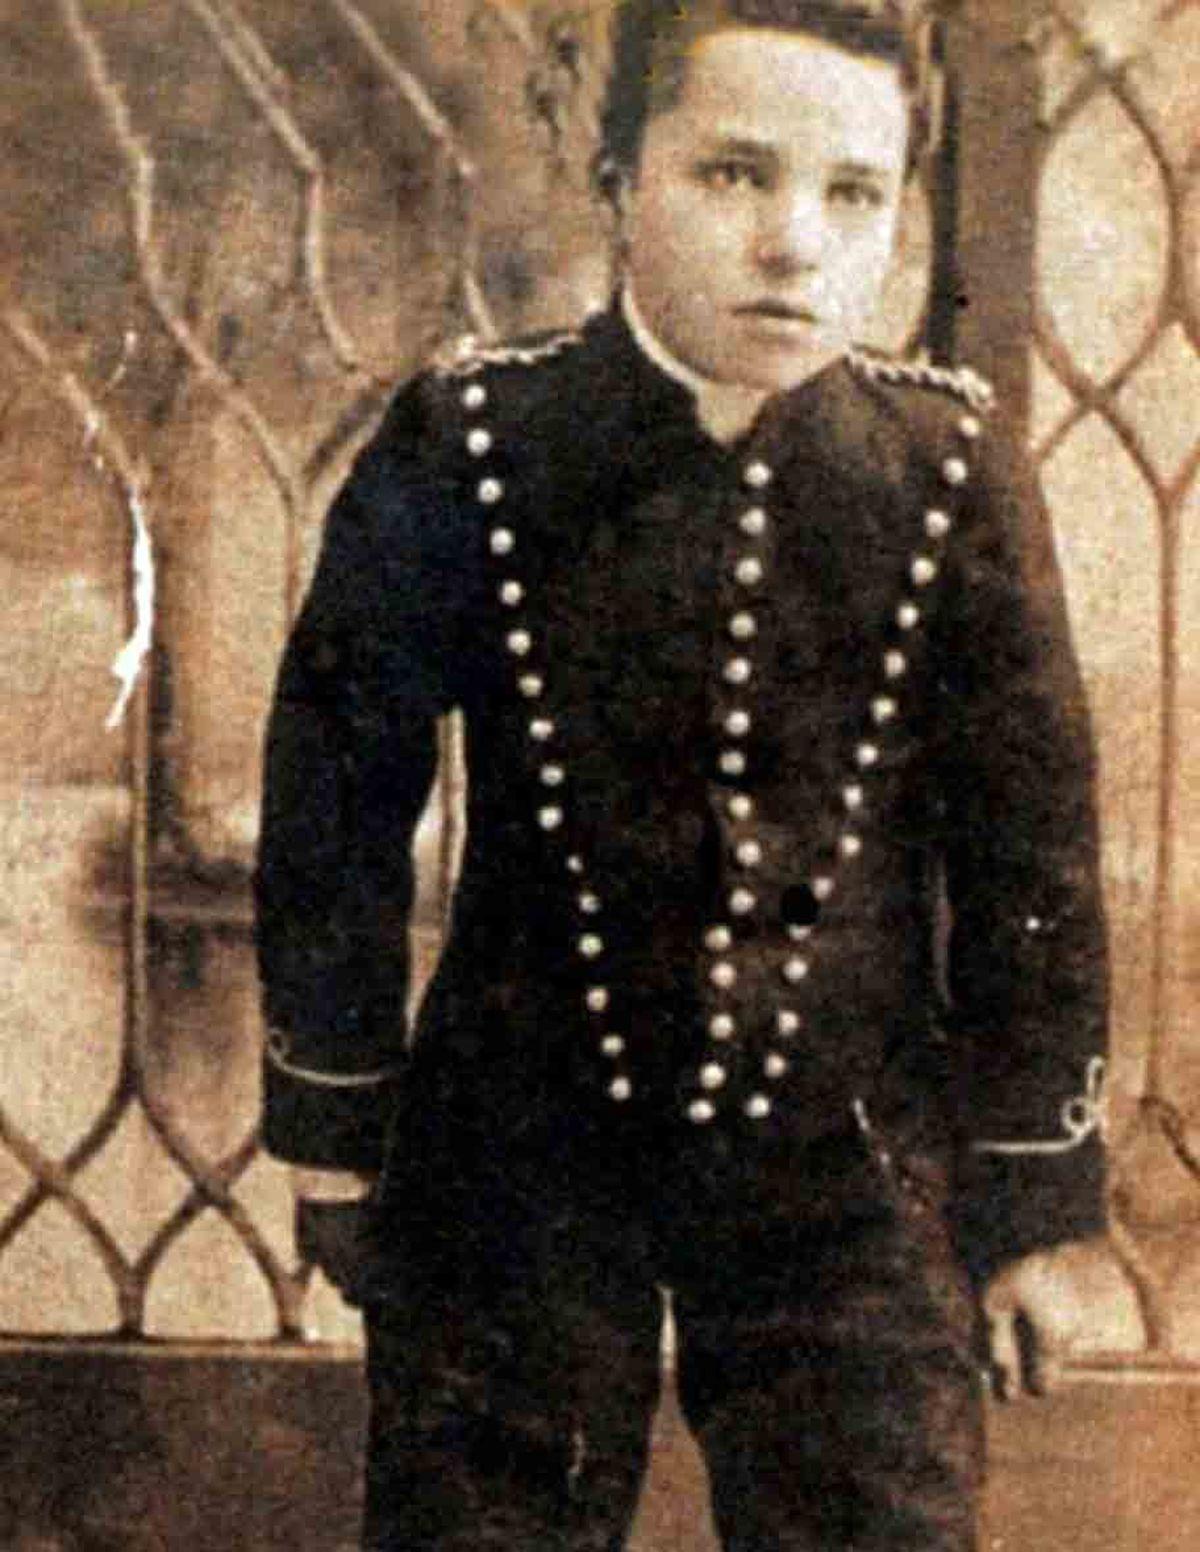 تصویری کمیاب از چارلی چاپلین در سن 16 سالگی